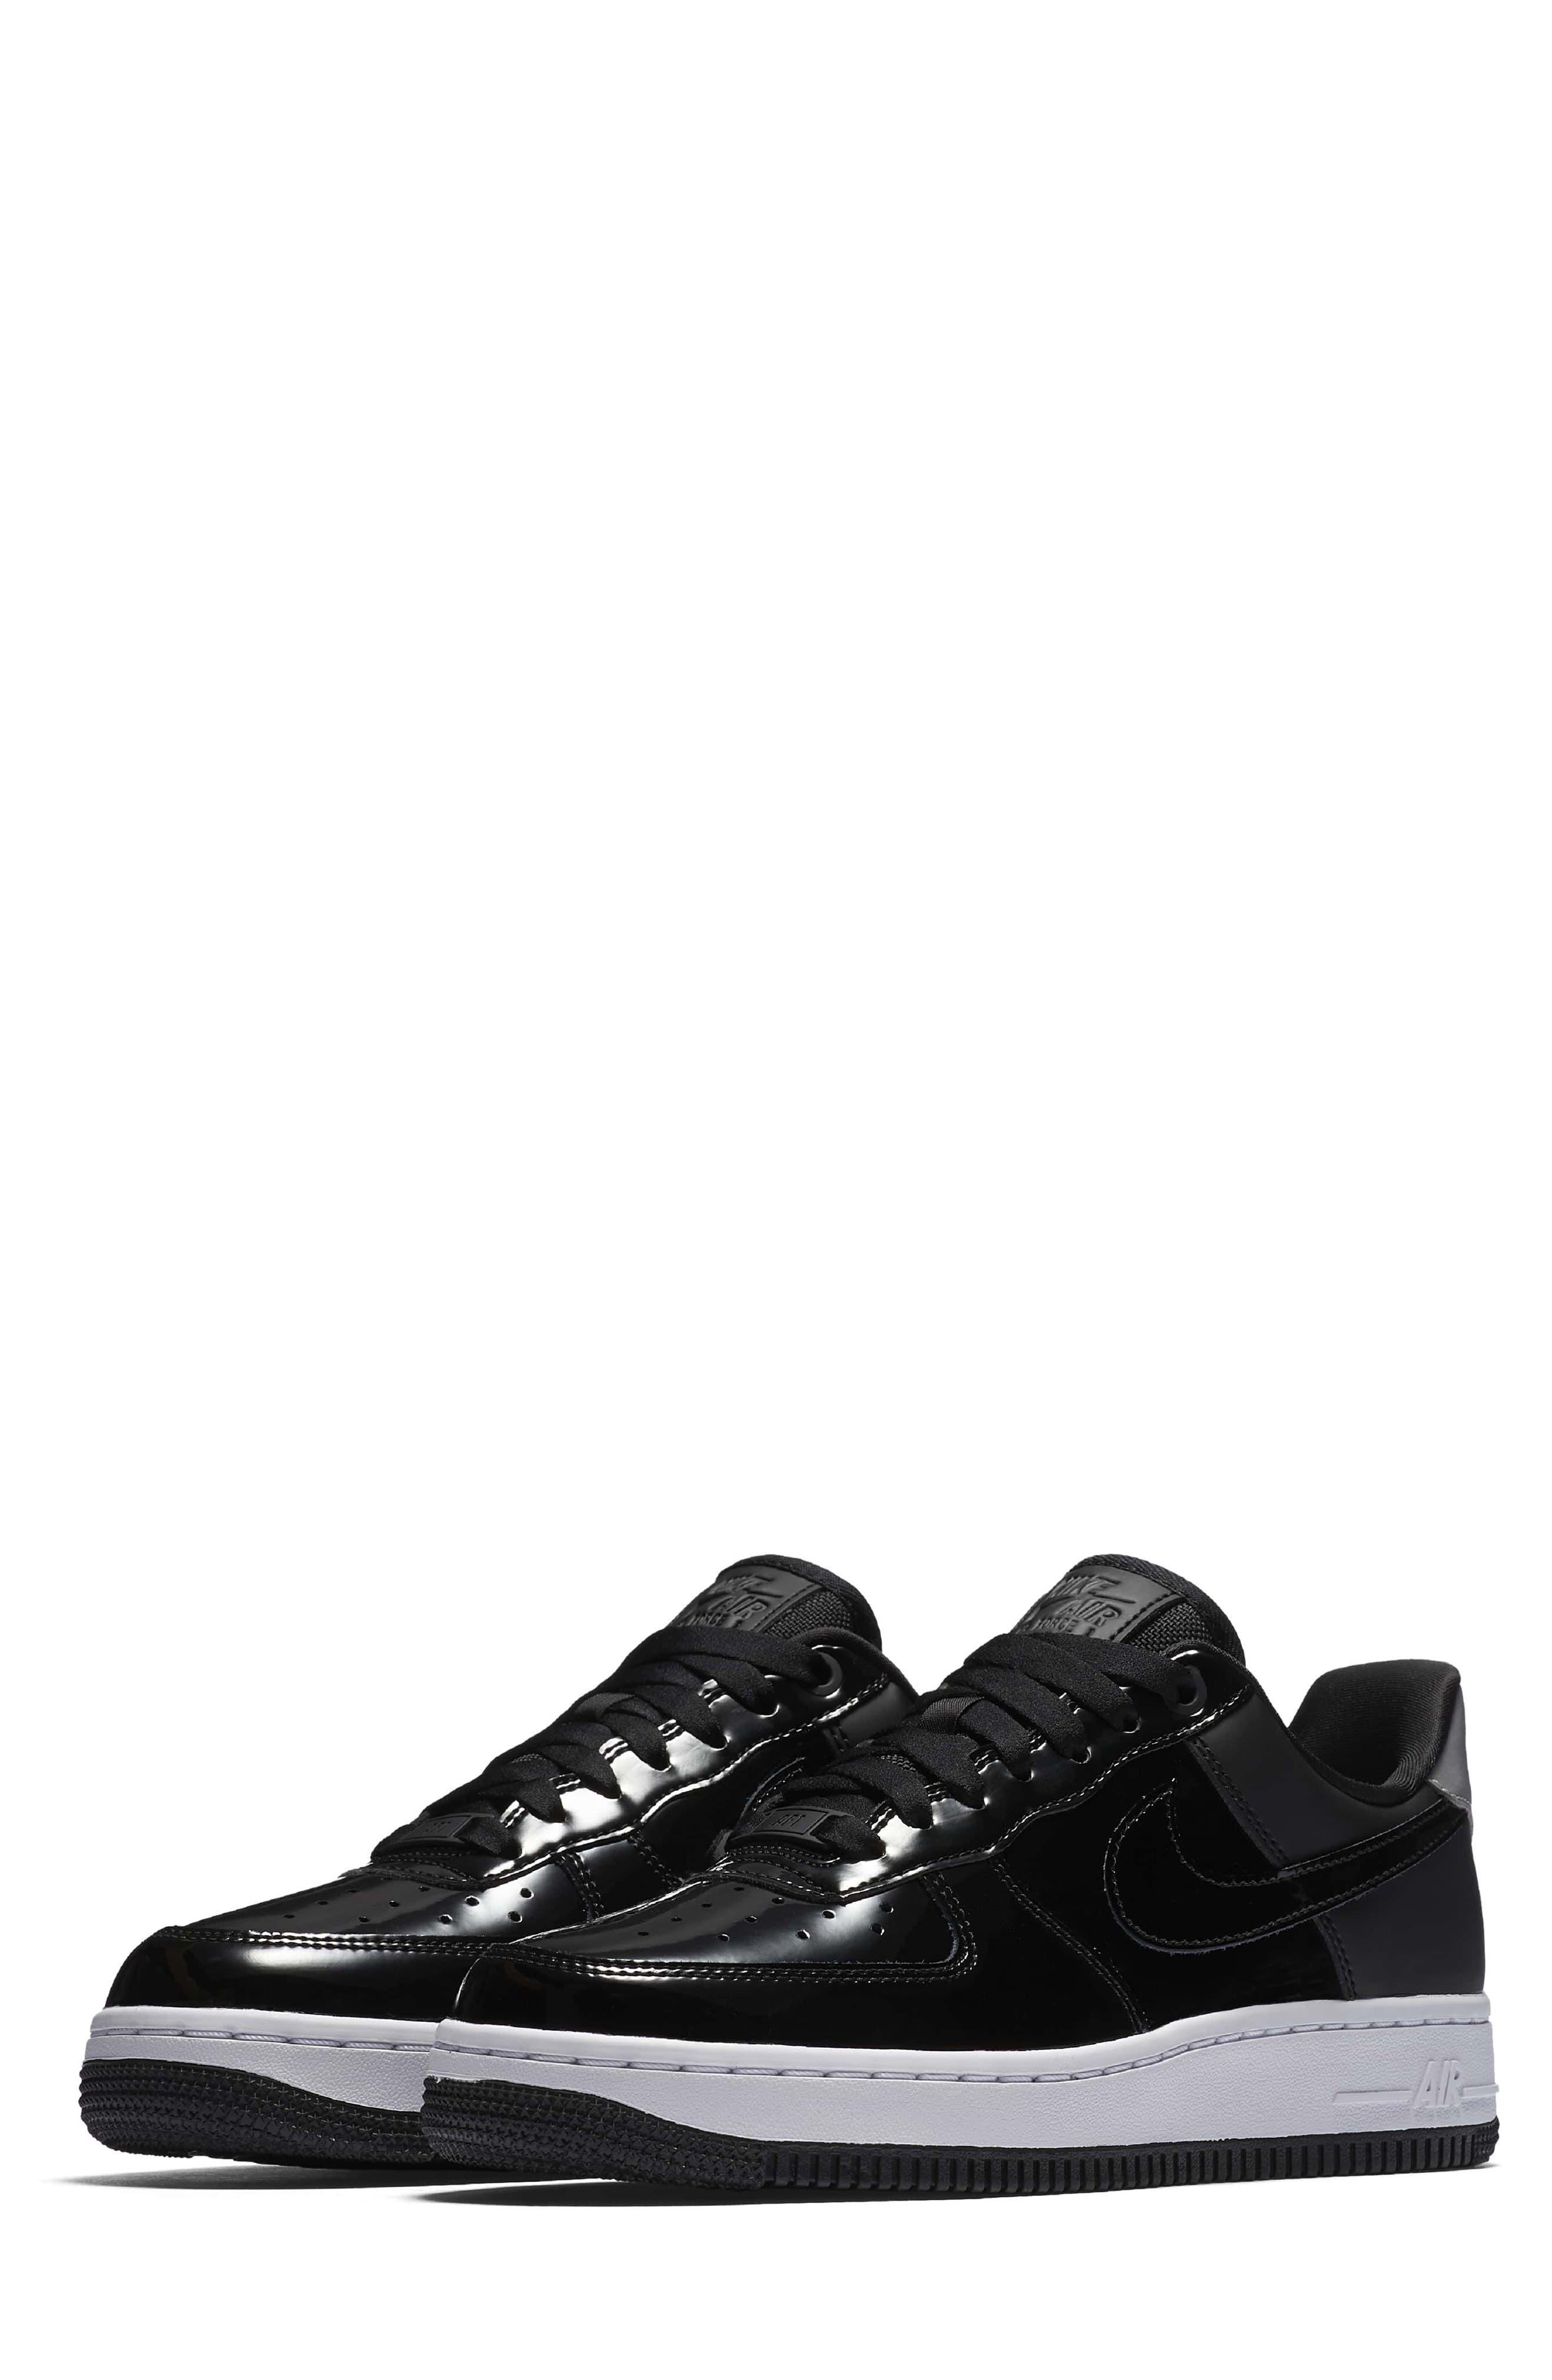 Main Image - Nike Air Force 1 \u002707 SE Premium Sneaker (Women)